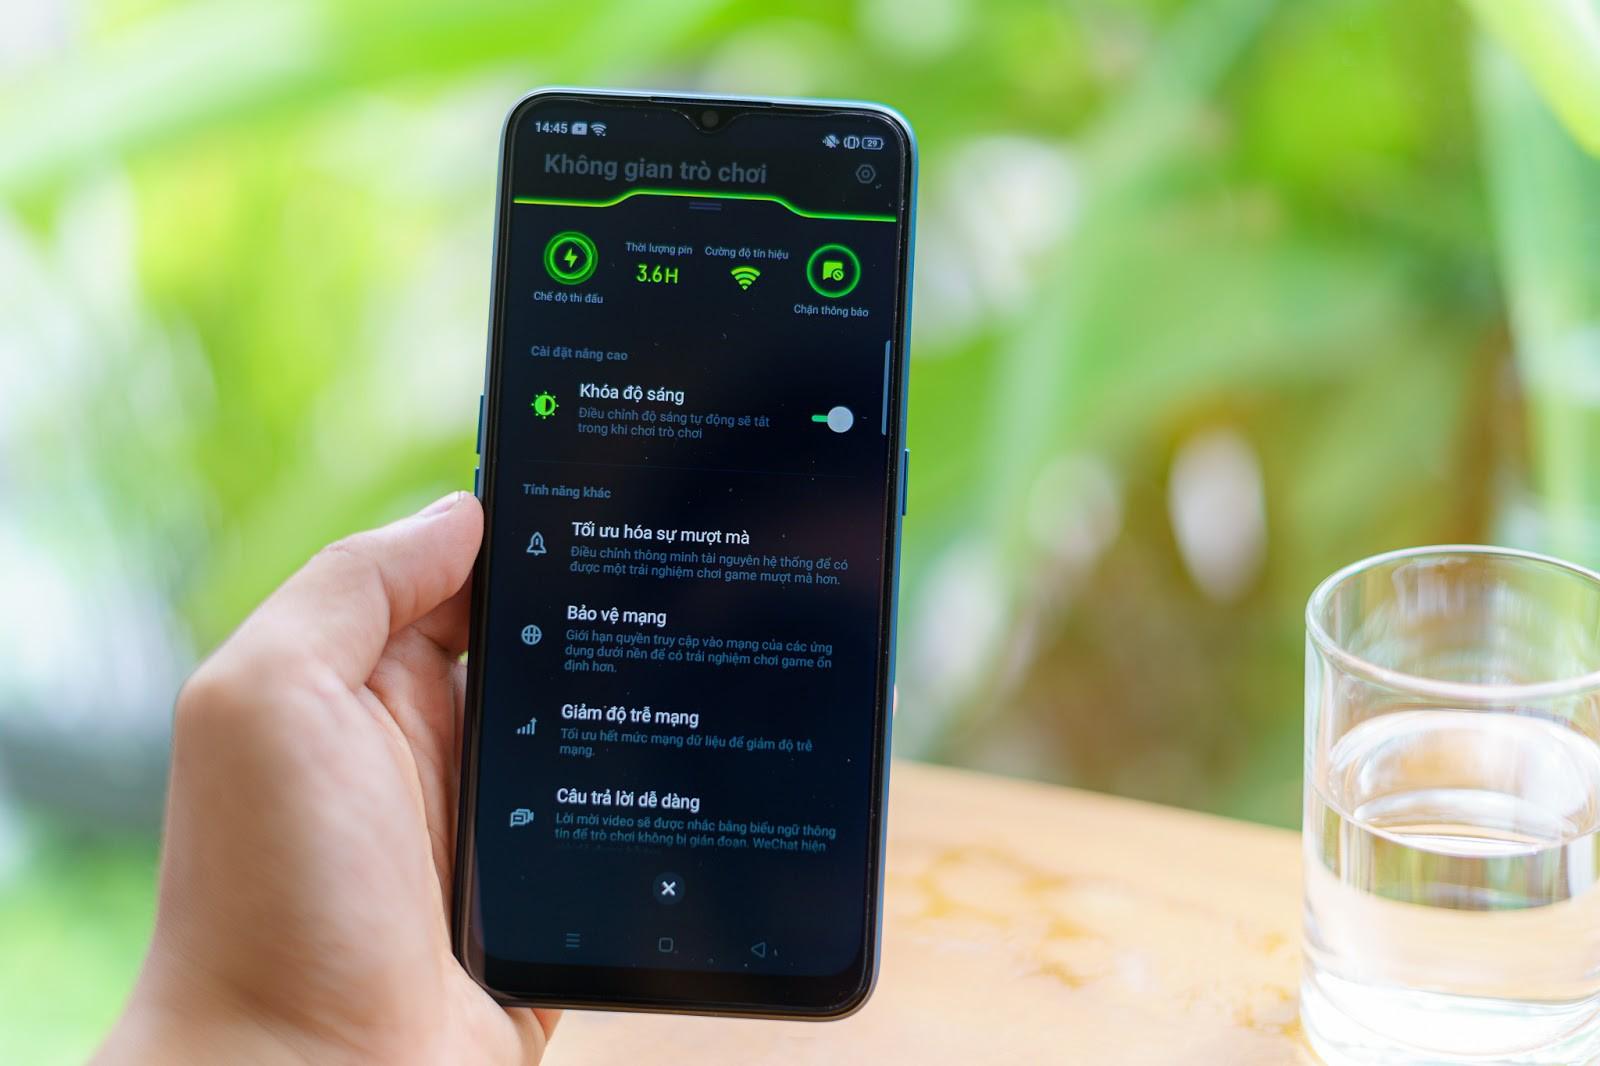 VZN News: Smartphone tầm trung OPPO A9 2020 sẽ mang đến những trải nghiệm tối đa nào với viên pin khủng 5.000 mAh? - Ảnh 4.